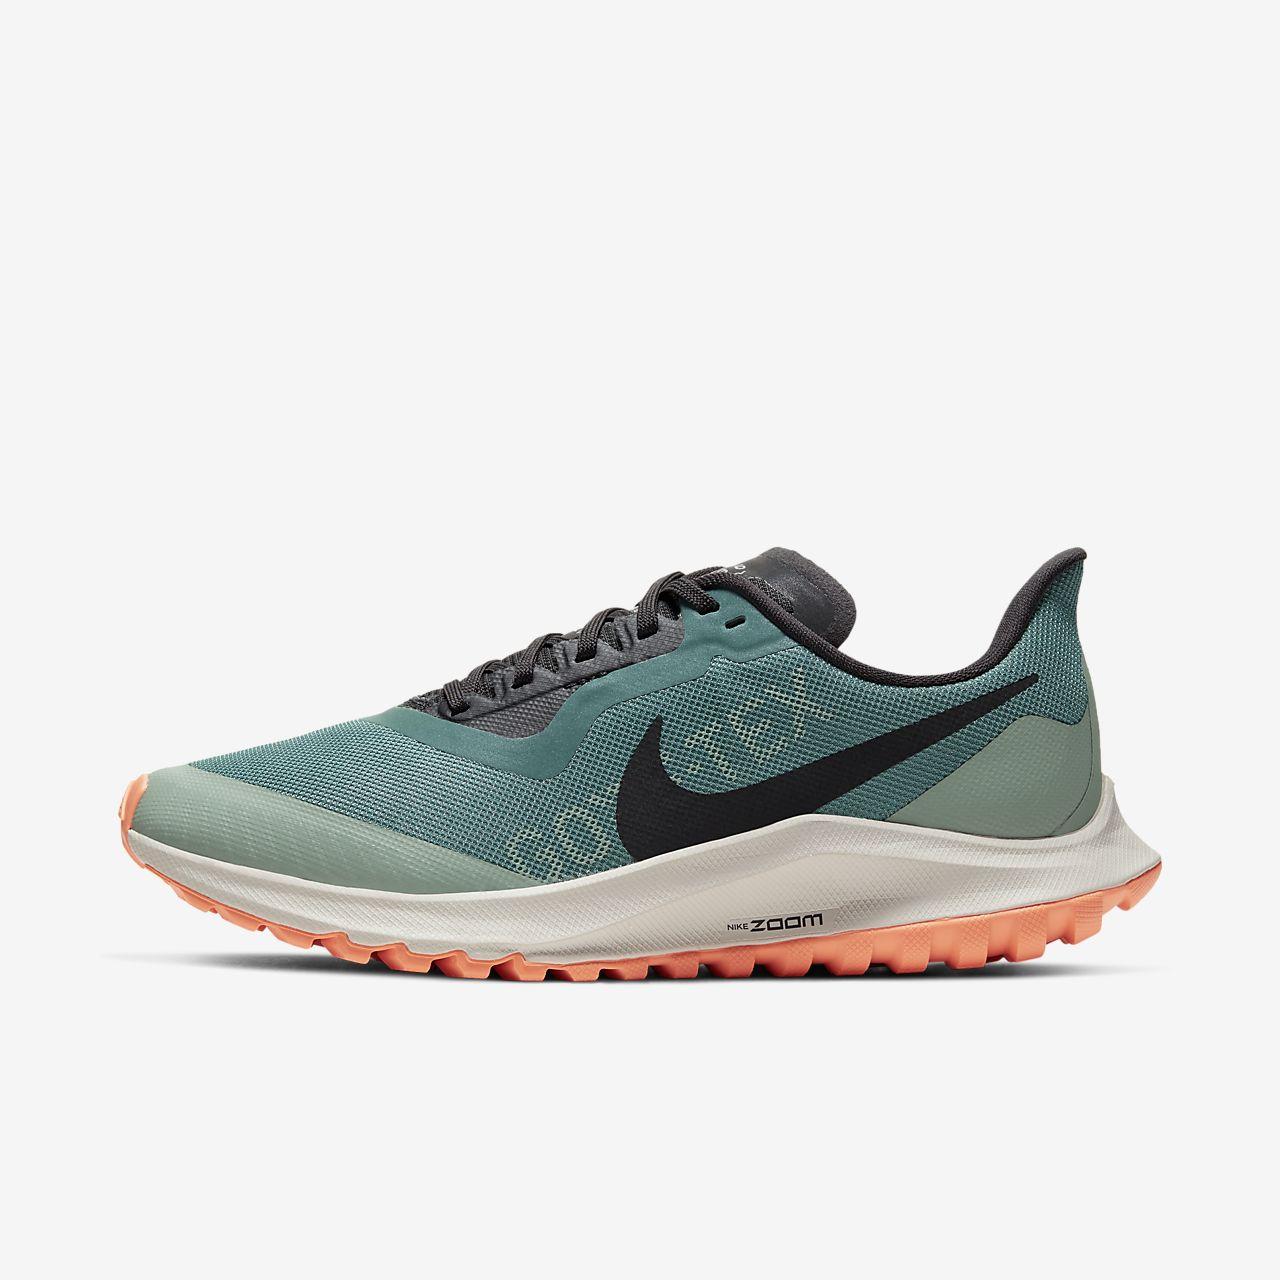 Dámská běžecká trailová bota Nike Zoom Pegasus 36 Trail GORE-TEX